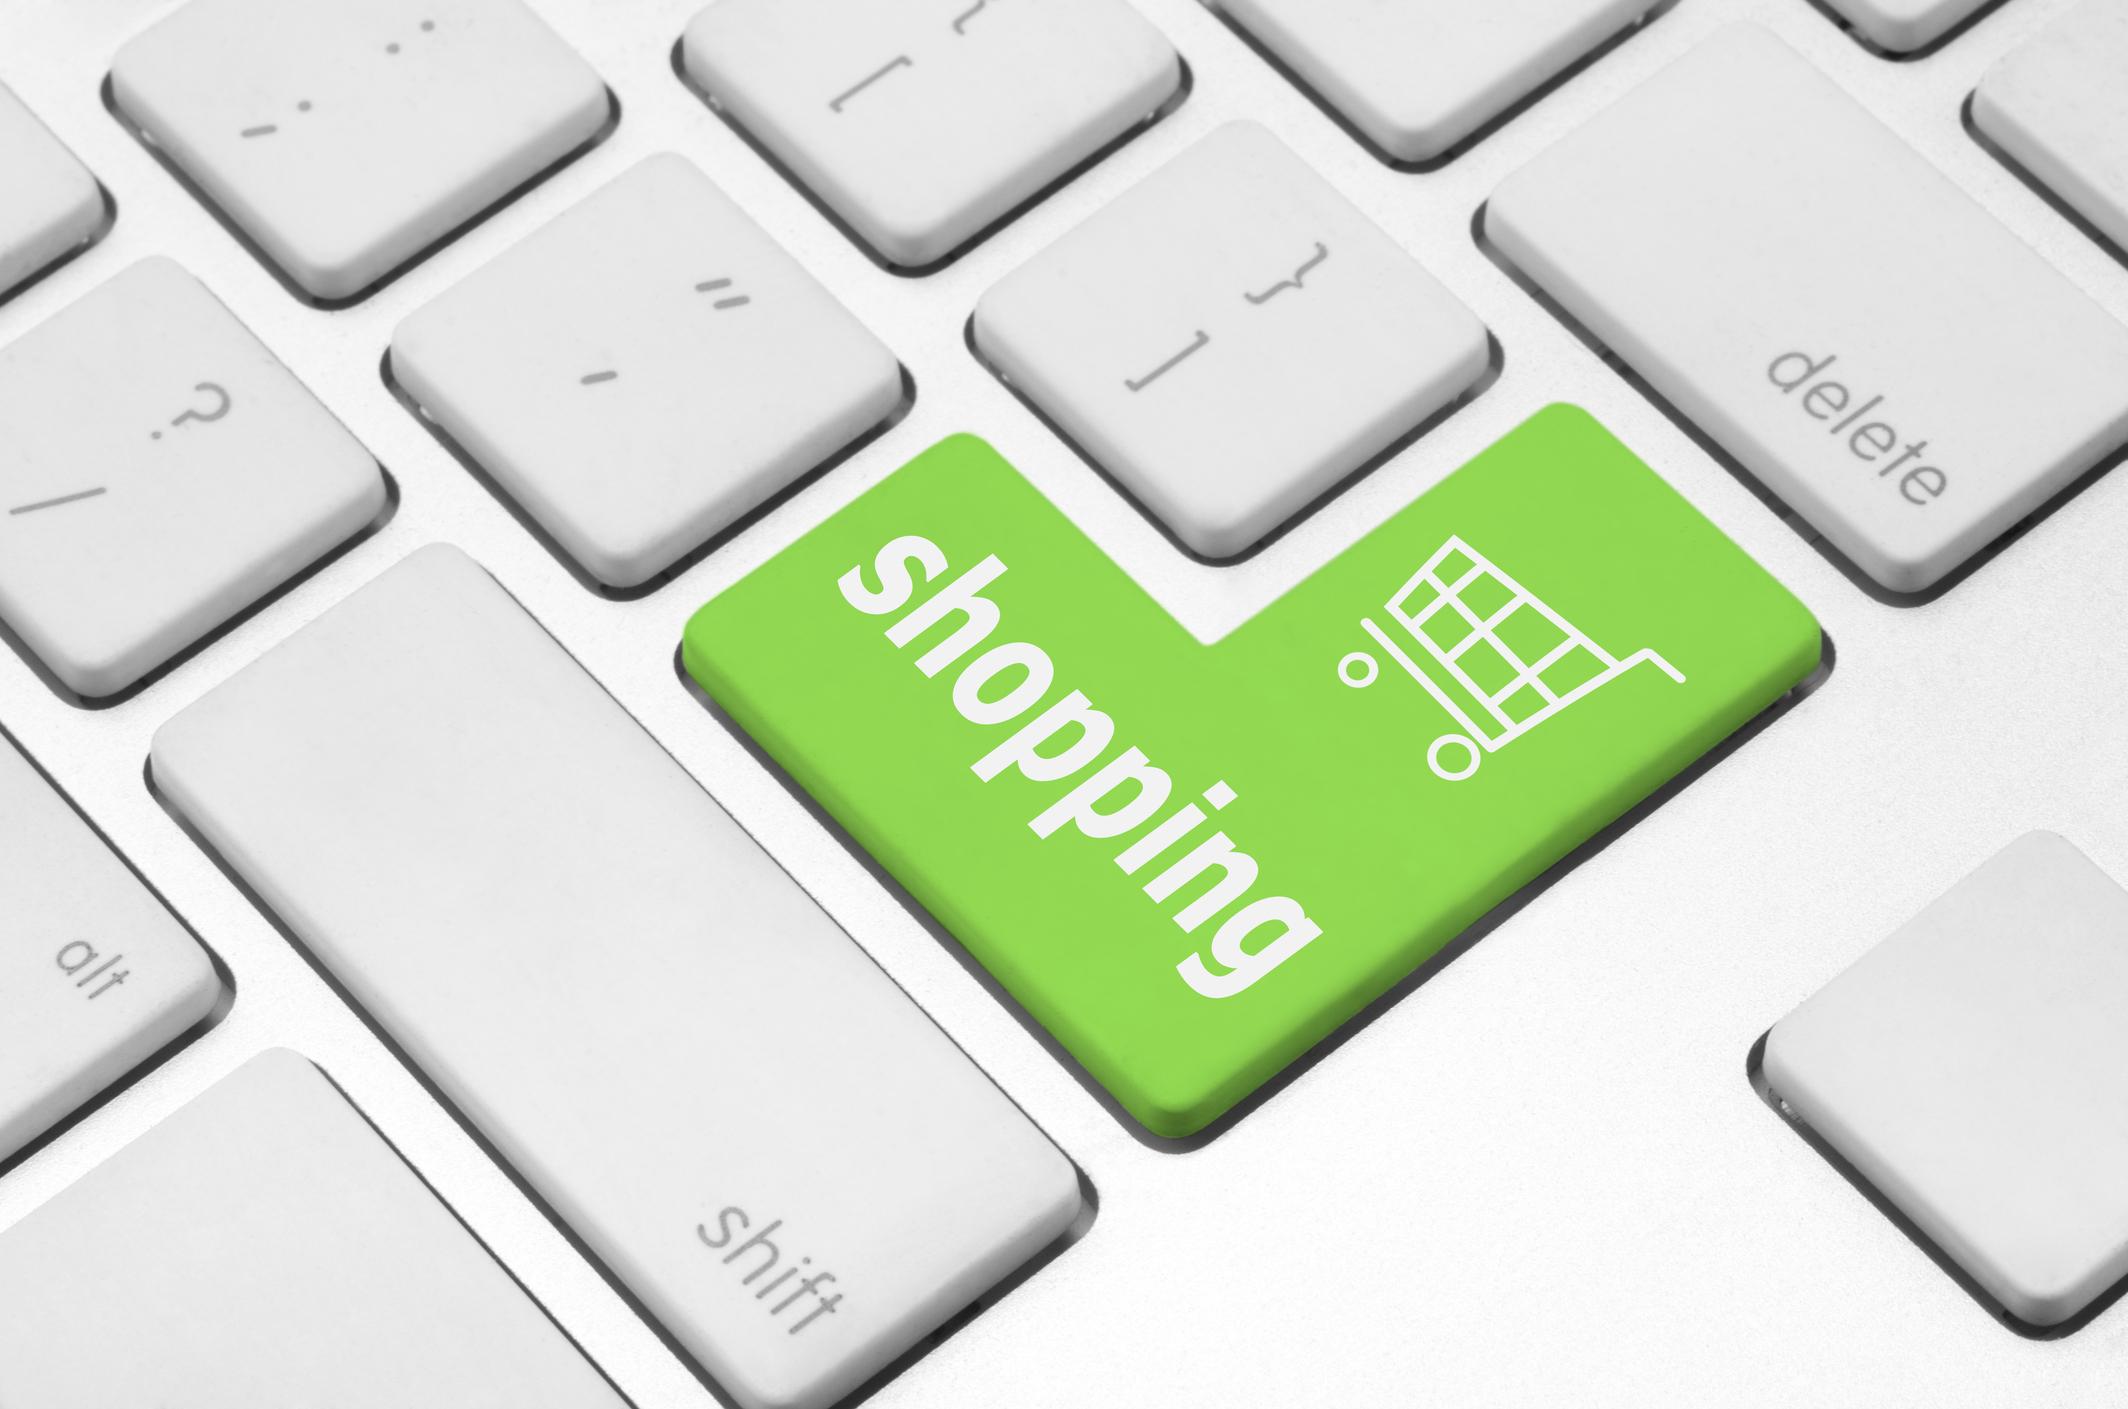 http://cf.ltkcdn.net/online/images/orig/204414-2128x1409-online-shopping.jpg